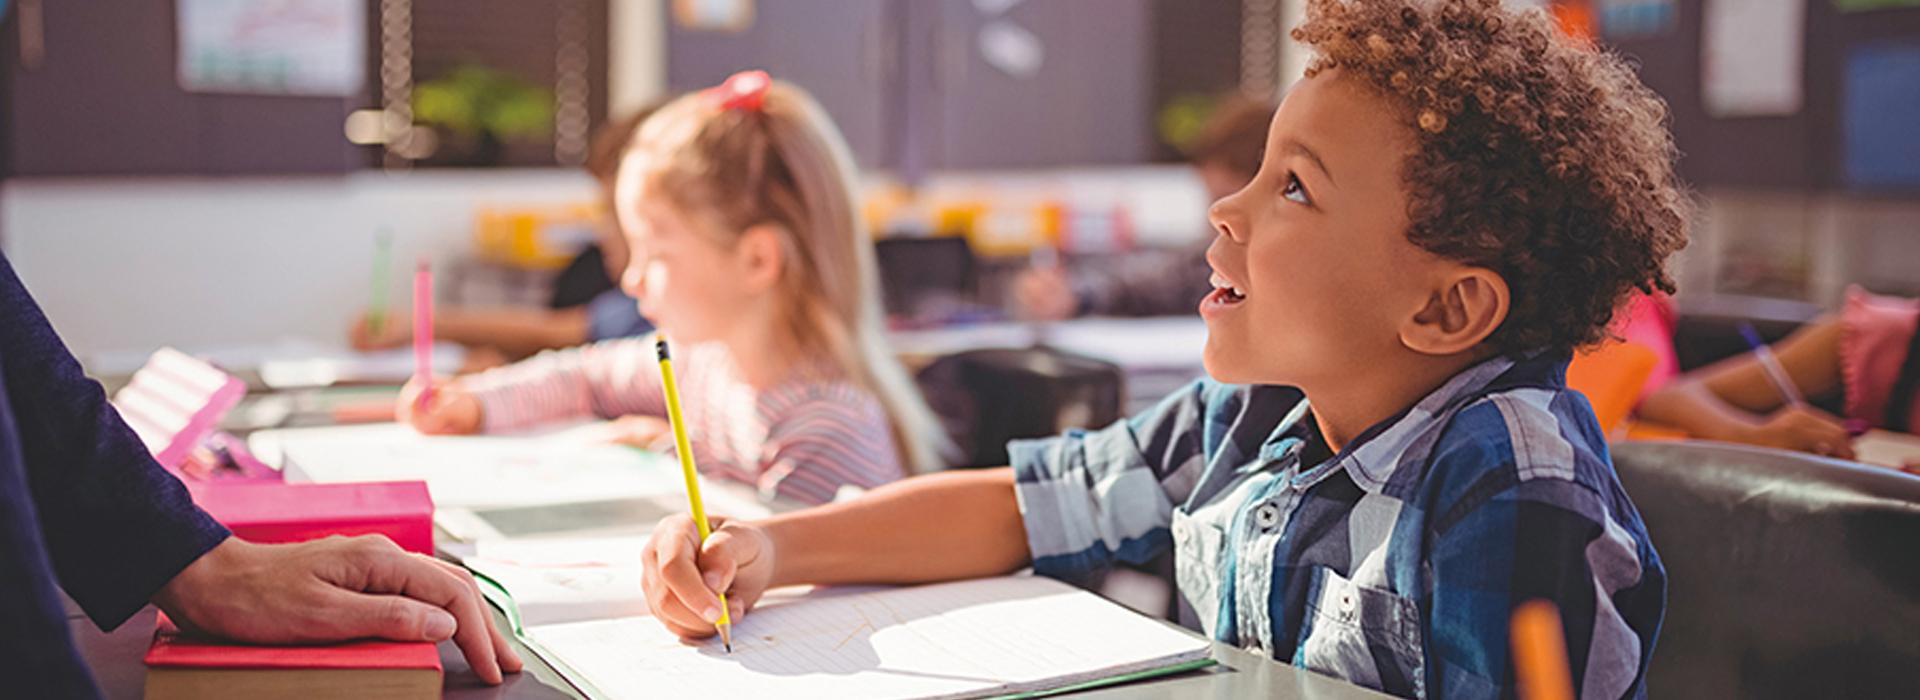 觀念篇〉他山之石:美國父母怎麼選學校?